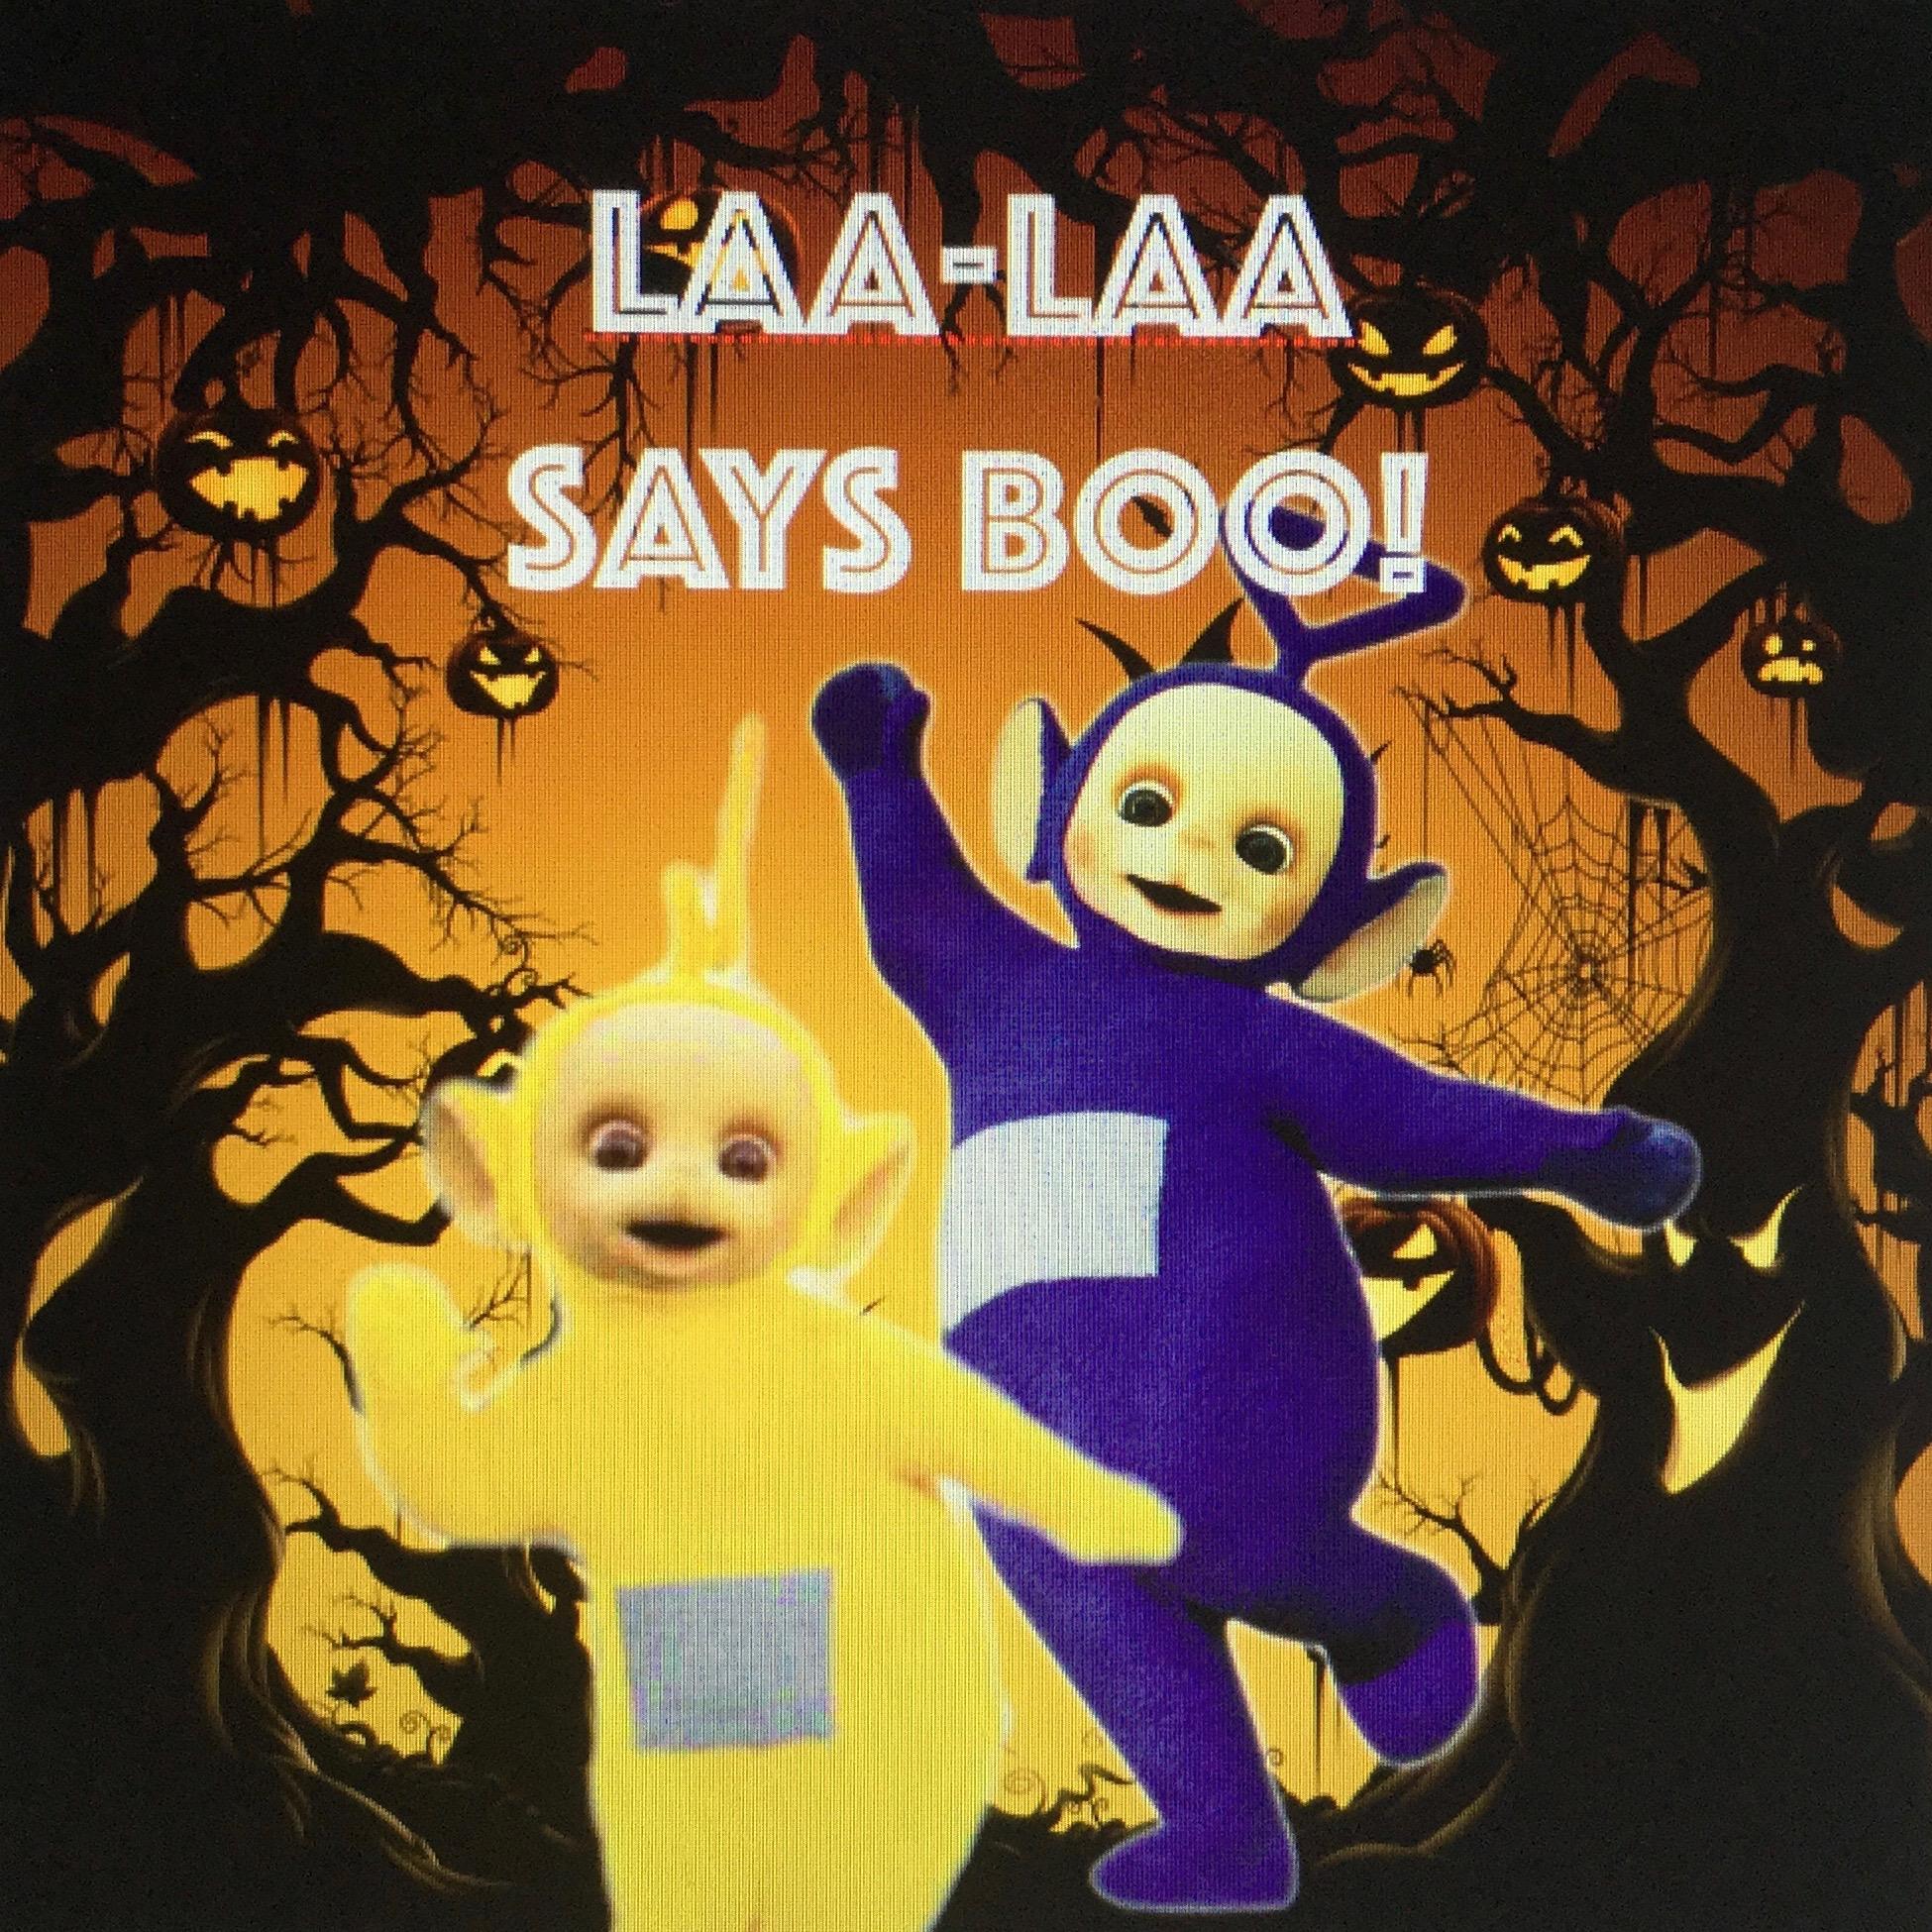 laa laa says boo